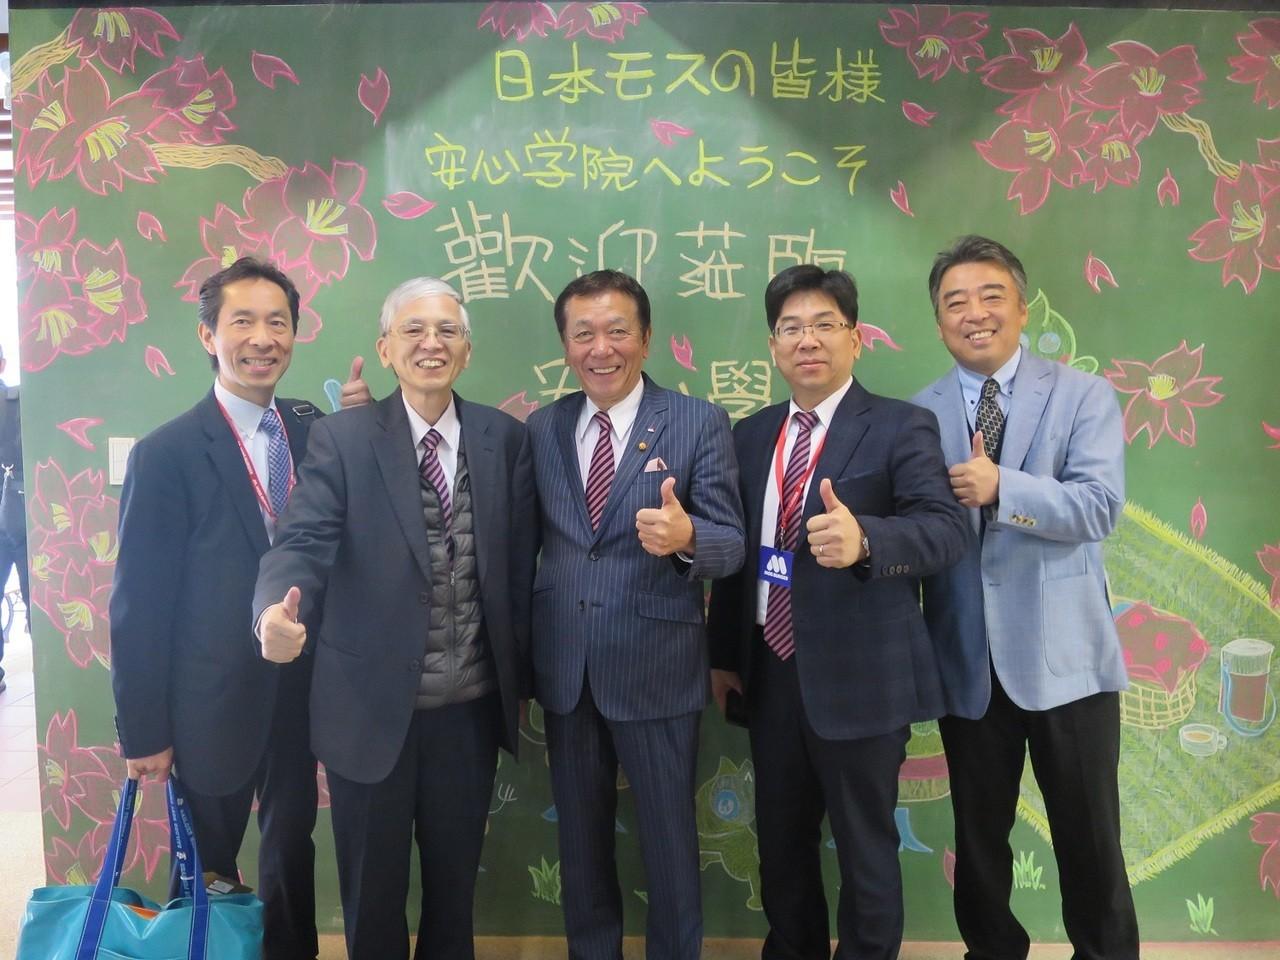 日本摩斯會長來台 捐助花蓮100萬日圓